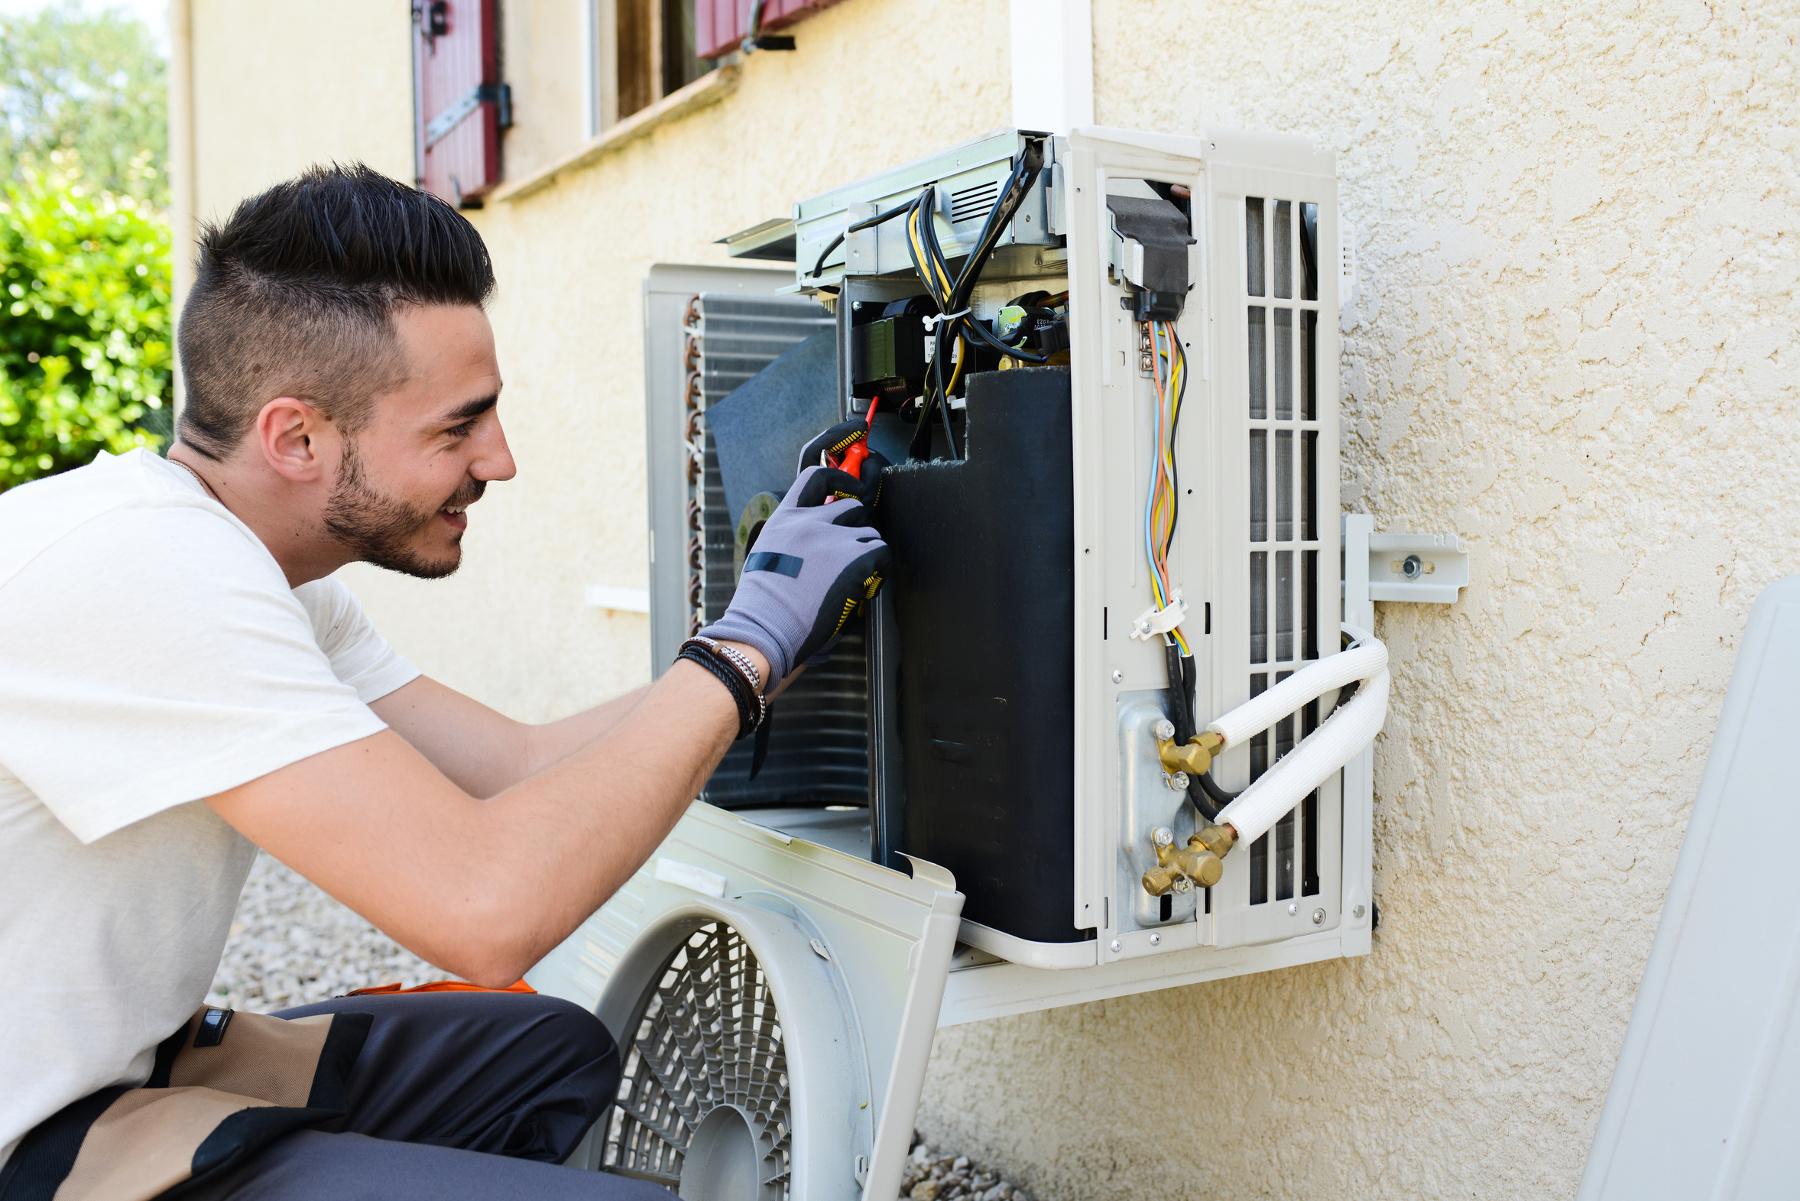 Technicien de pompe à chaleur